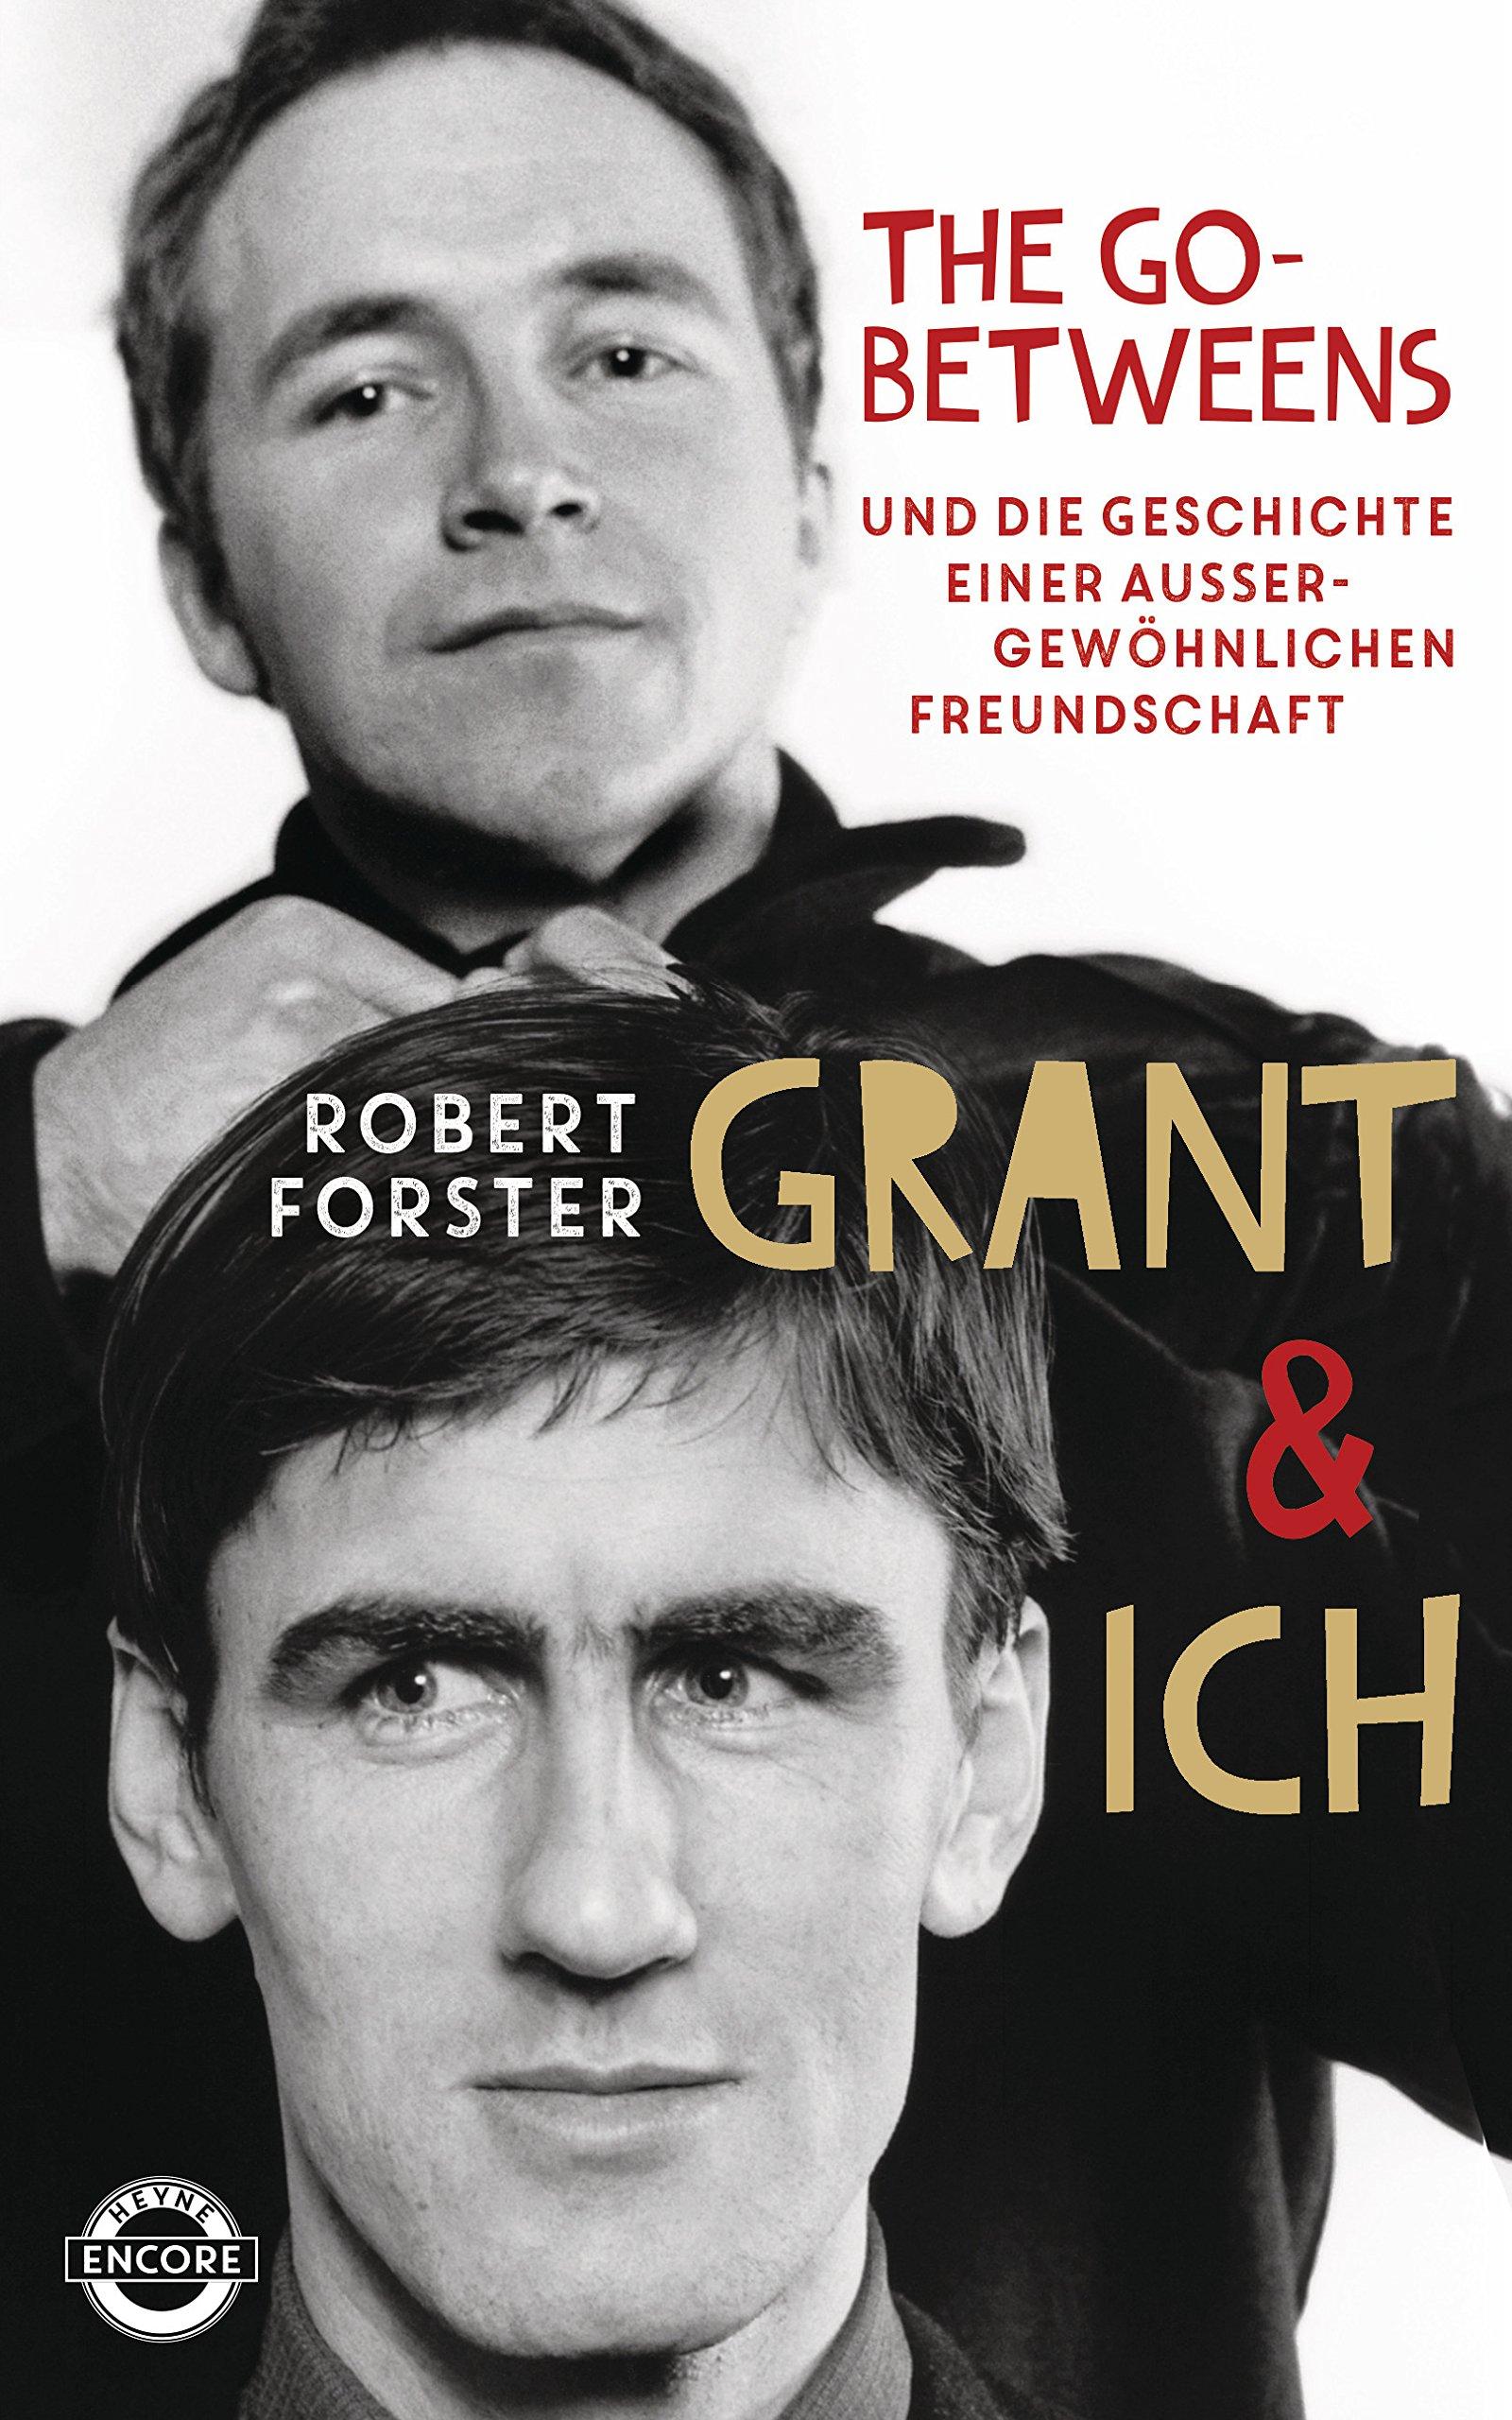 grant-ich-die-go-betweens-die-geschichte-einer-aussergewhnlichen-freundschaft